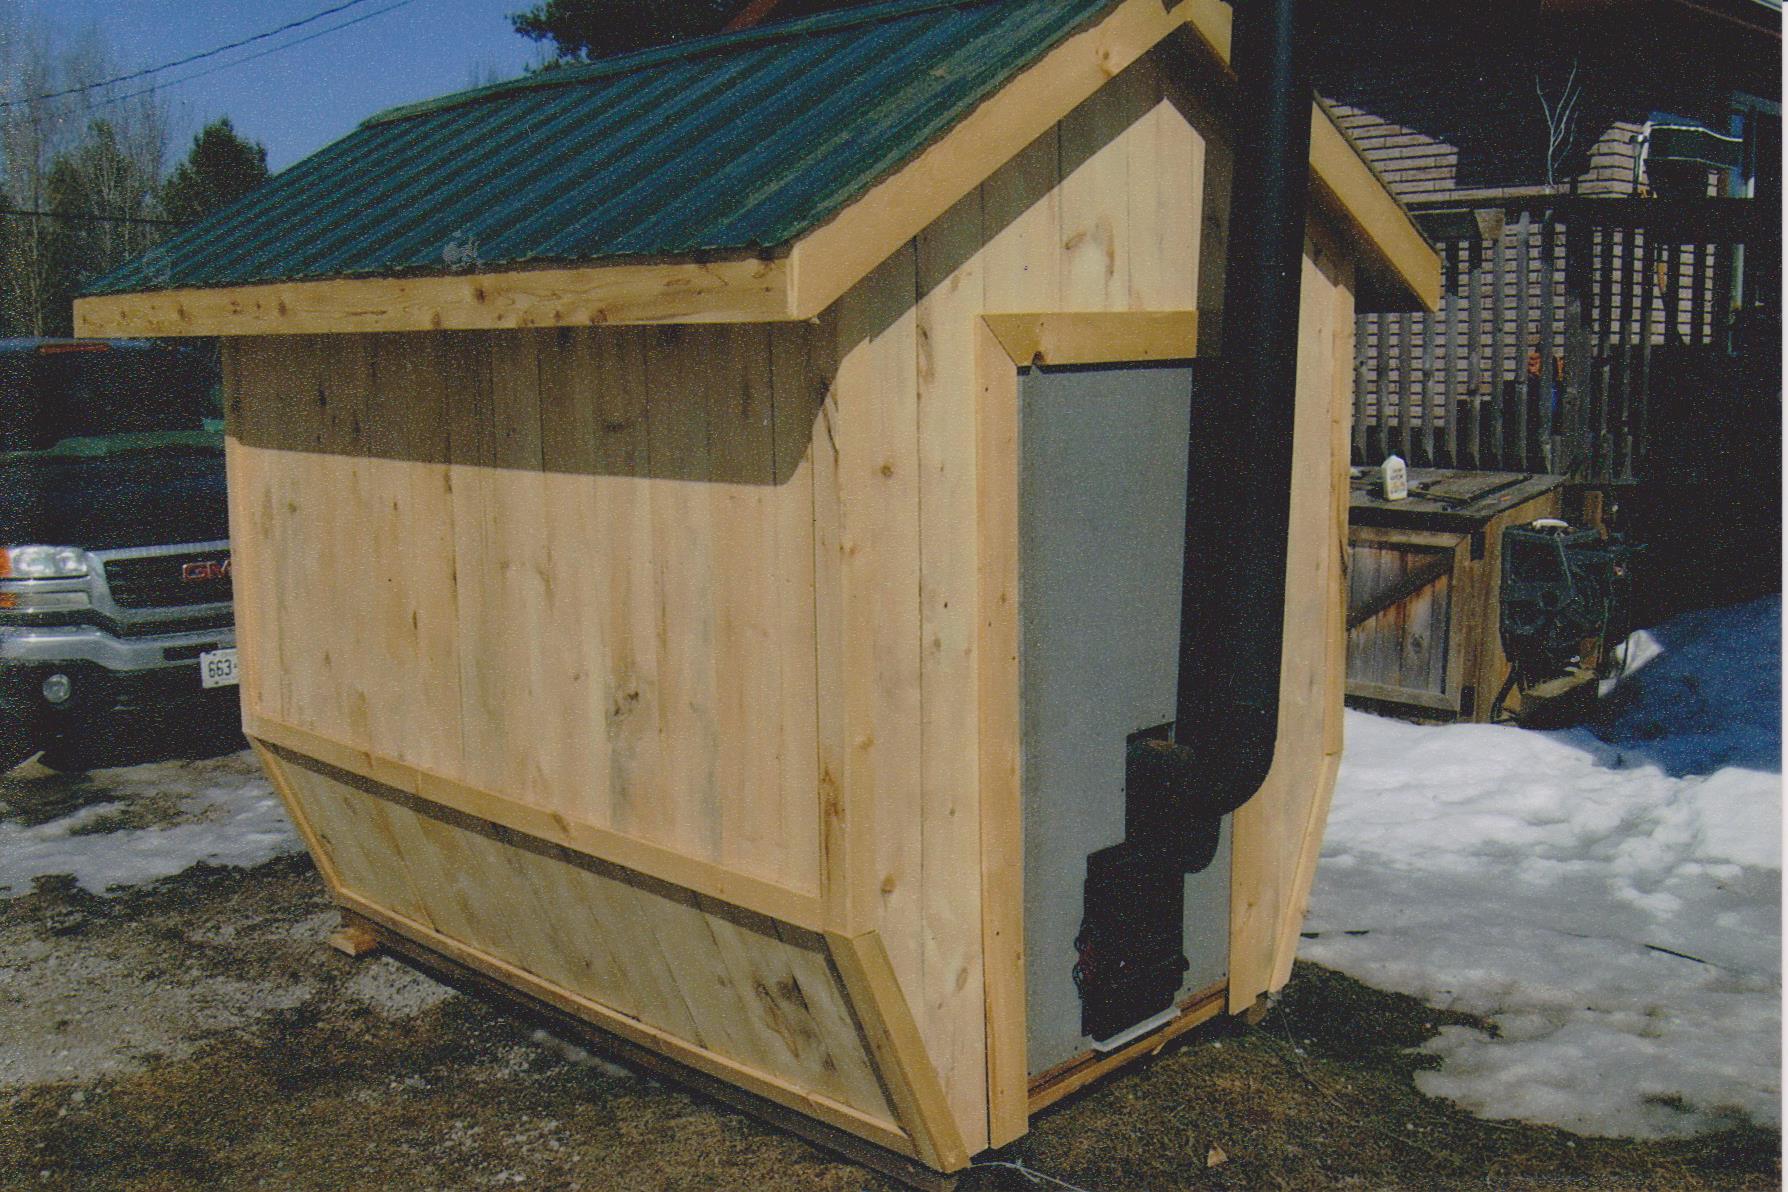 New - Outdoor Far Infrared Sauna Kits | bunda-daffa.com